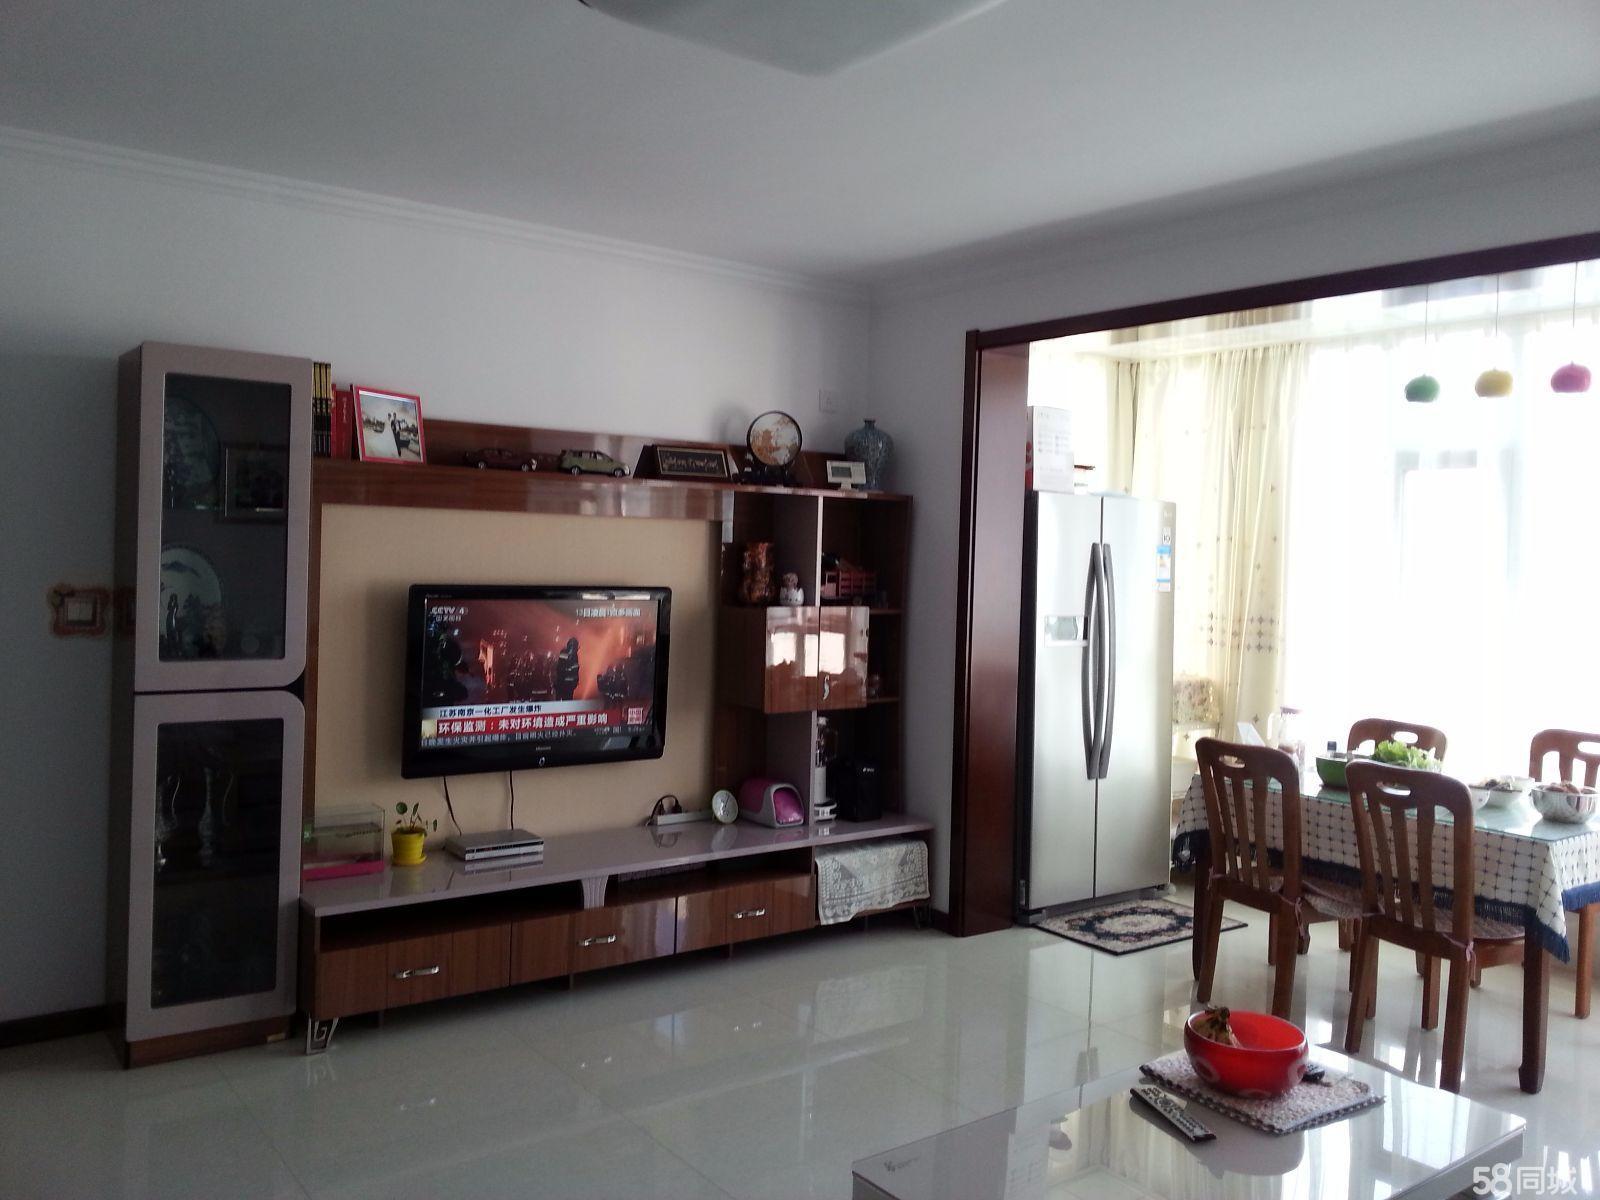 龙沙区,新合家园2室1厅1卫96.14平米电梯房